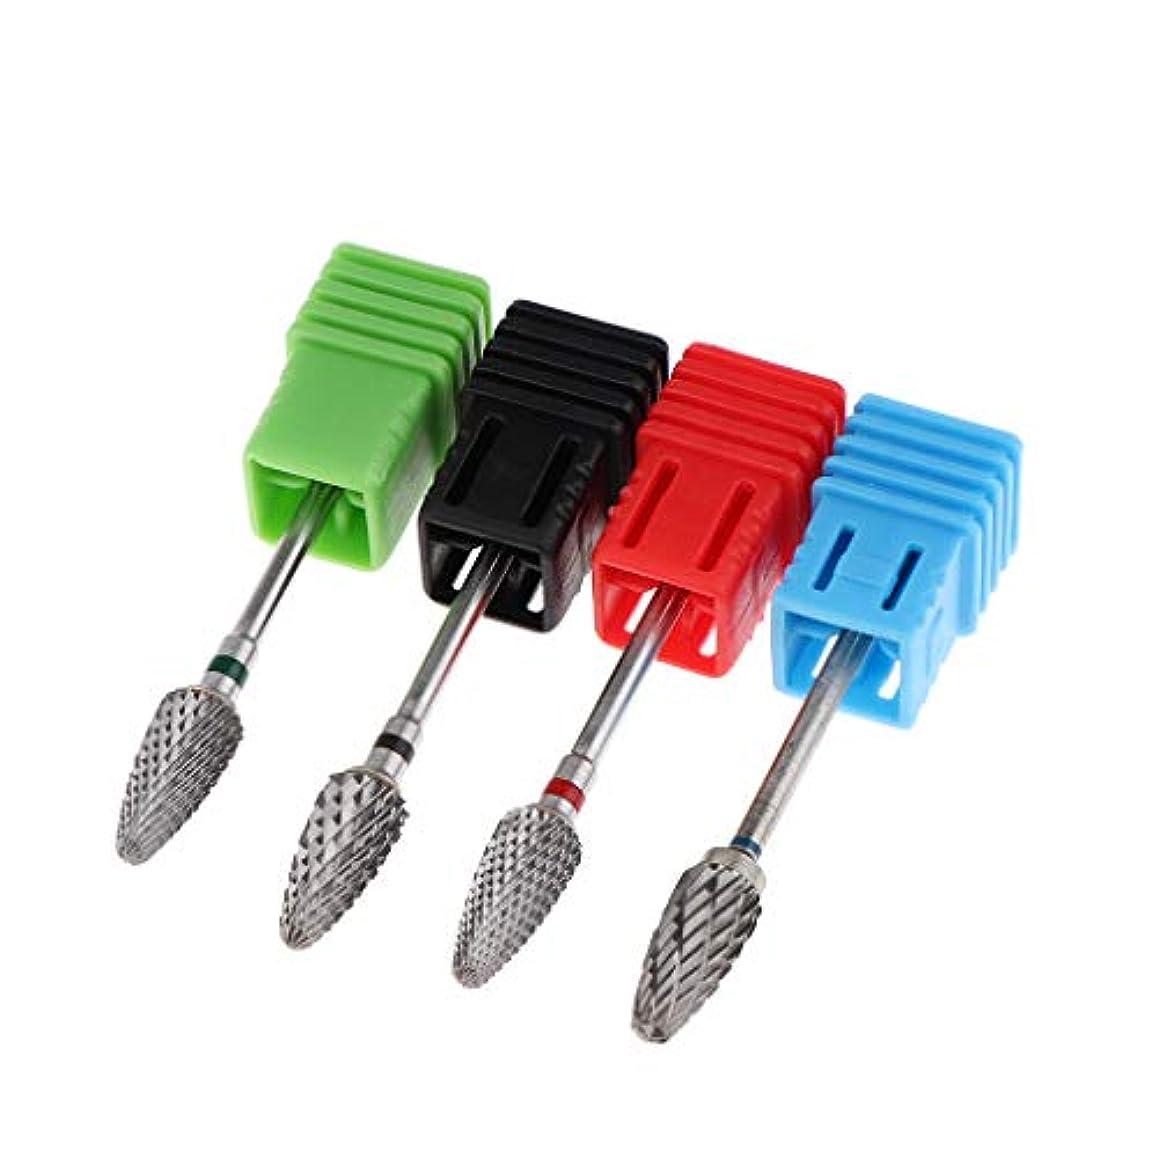 ヘッドレスバーゲン私たちのものToygogo 4サイズM / F/C/XCタングステン鋼合金ネイルファイルドリルビットマニキュアゲル除去電動研削ヘッドセット